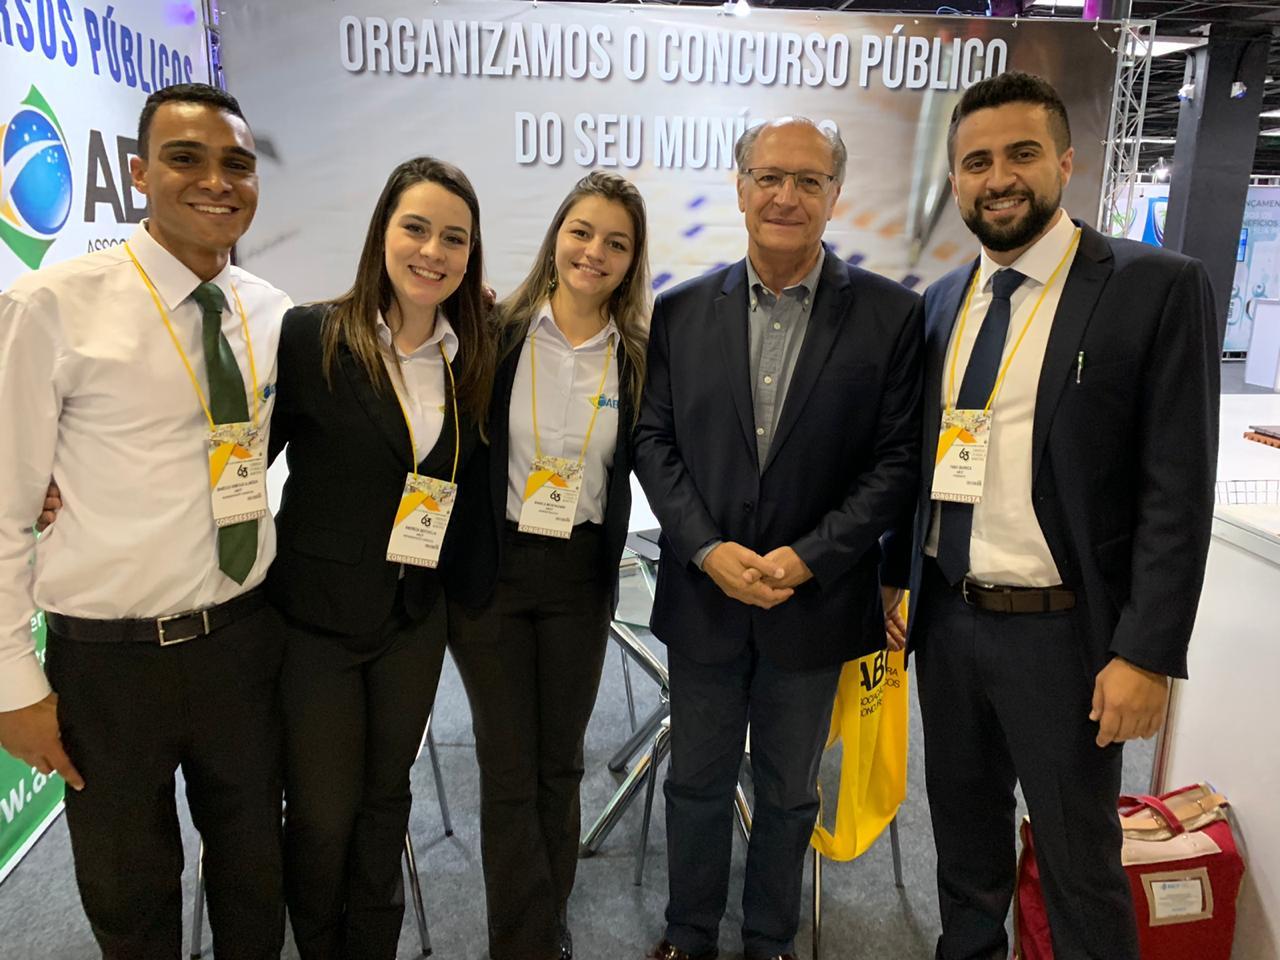 EVENTO - 63º CONGRESSO ESTADUAL DE MUNICÍPIOS DE SÃO PAULO